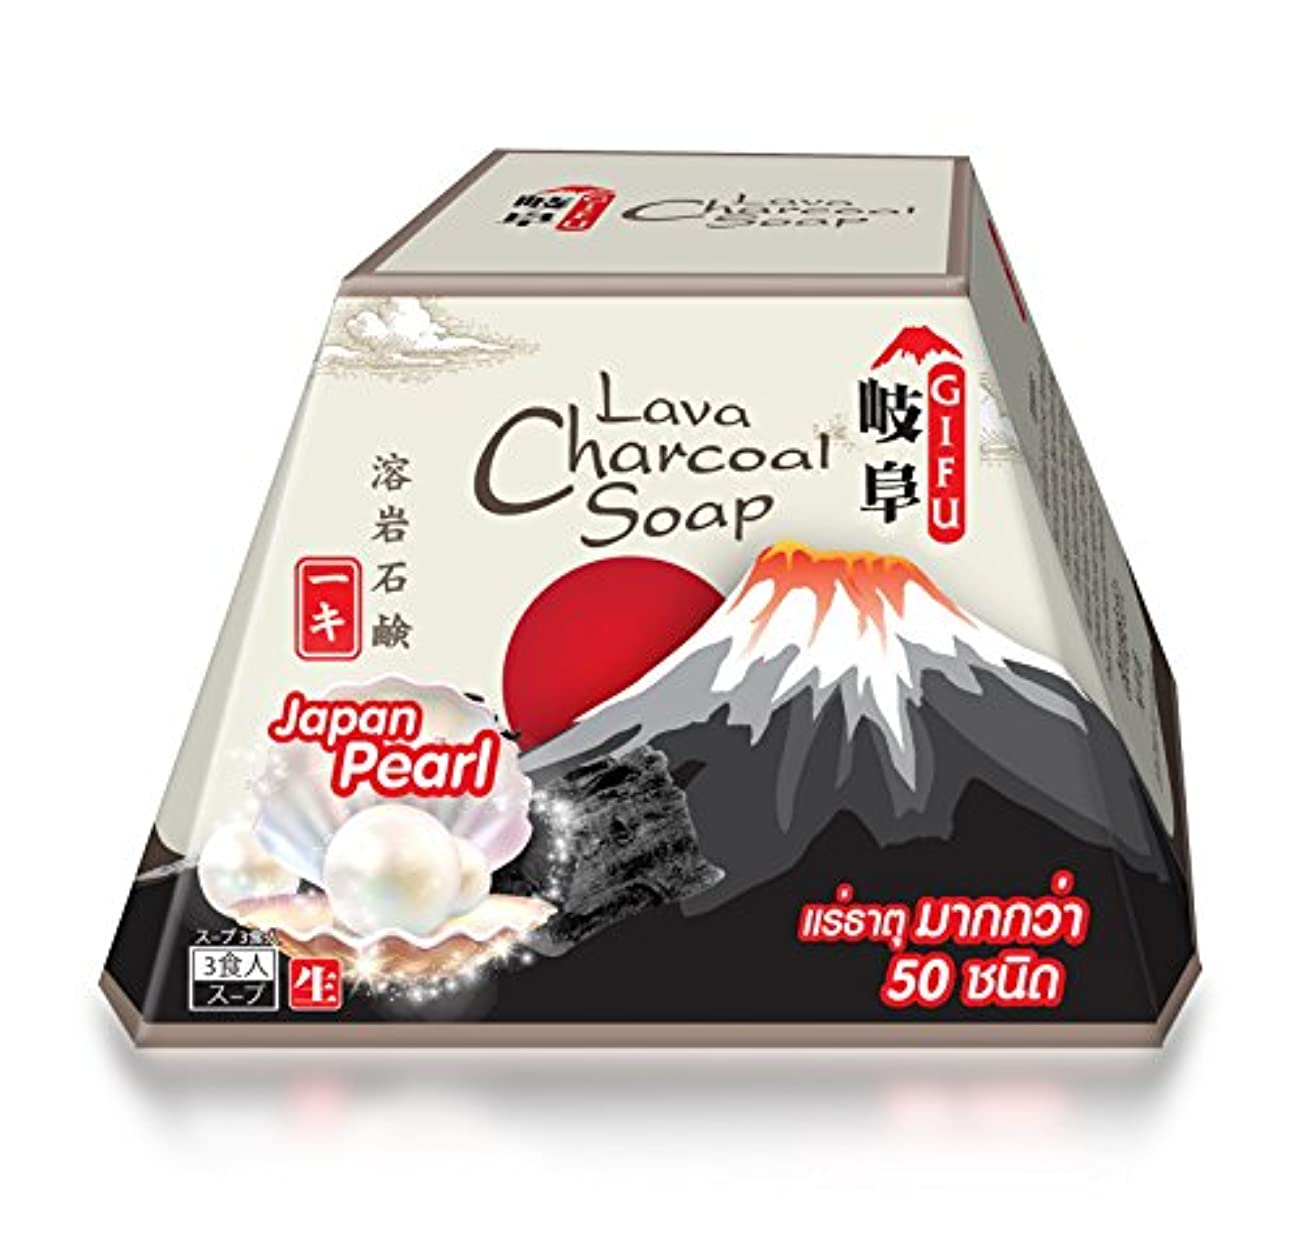 政令消毒する貫通するOKI GIFU Lava Charcoal & Japanese Pearl Powder Soap 70g 溶岩炭と日本のパールパウダー